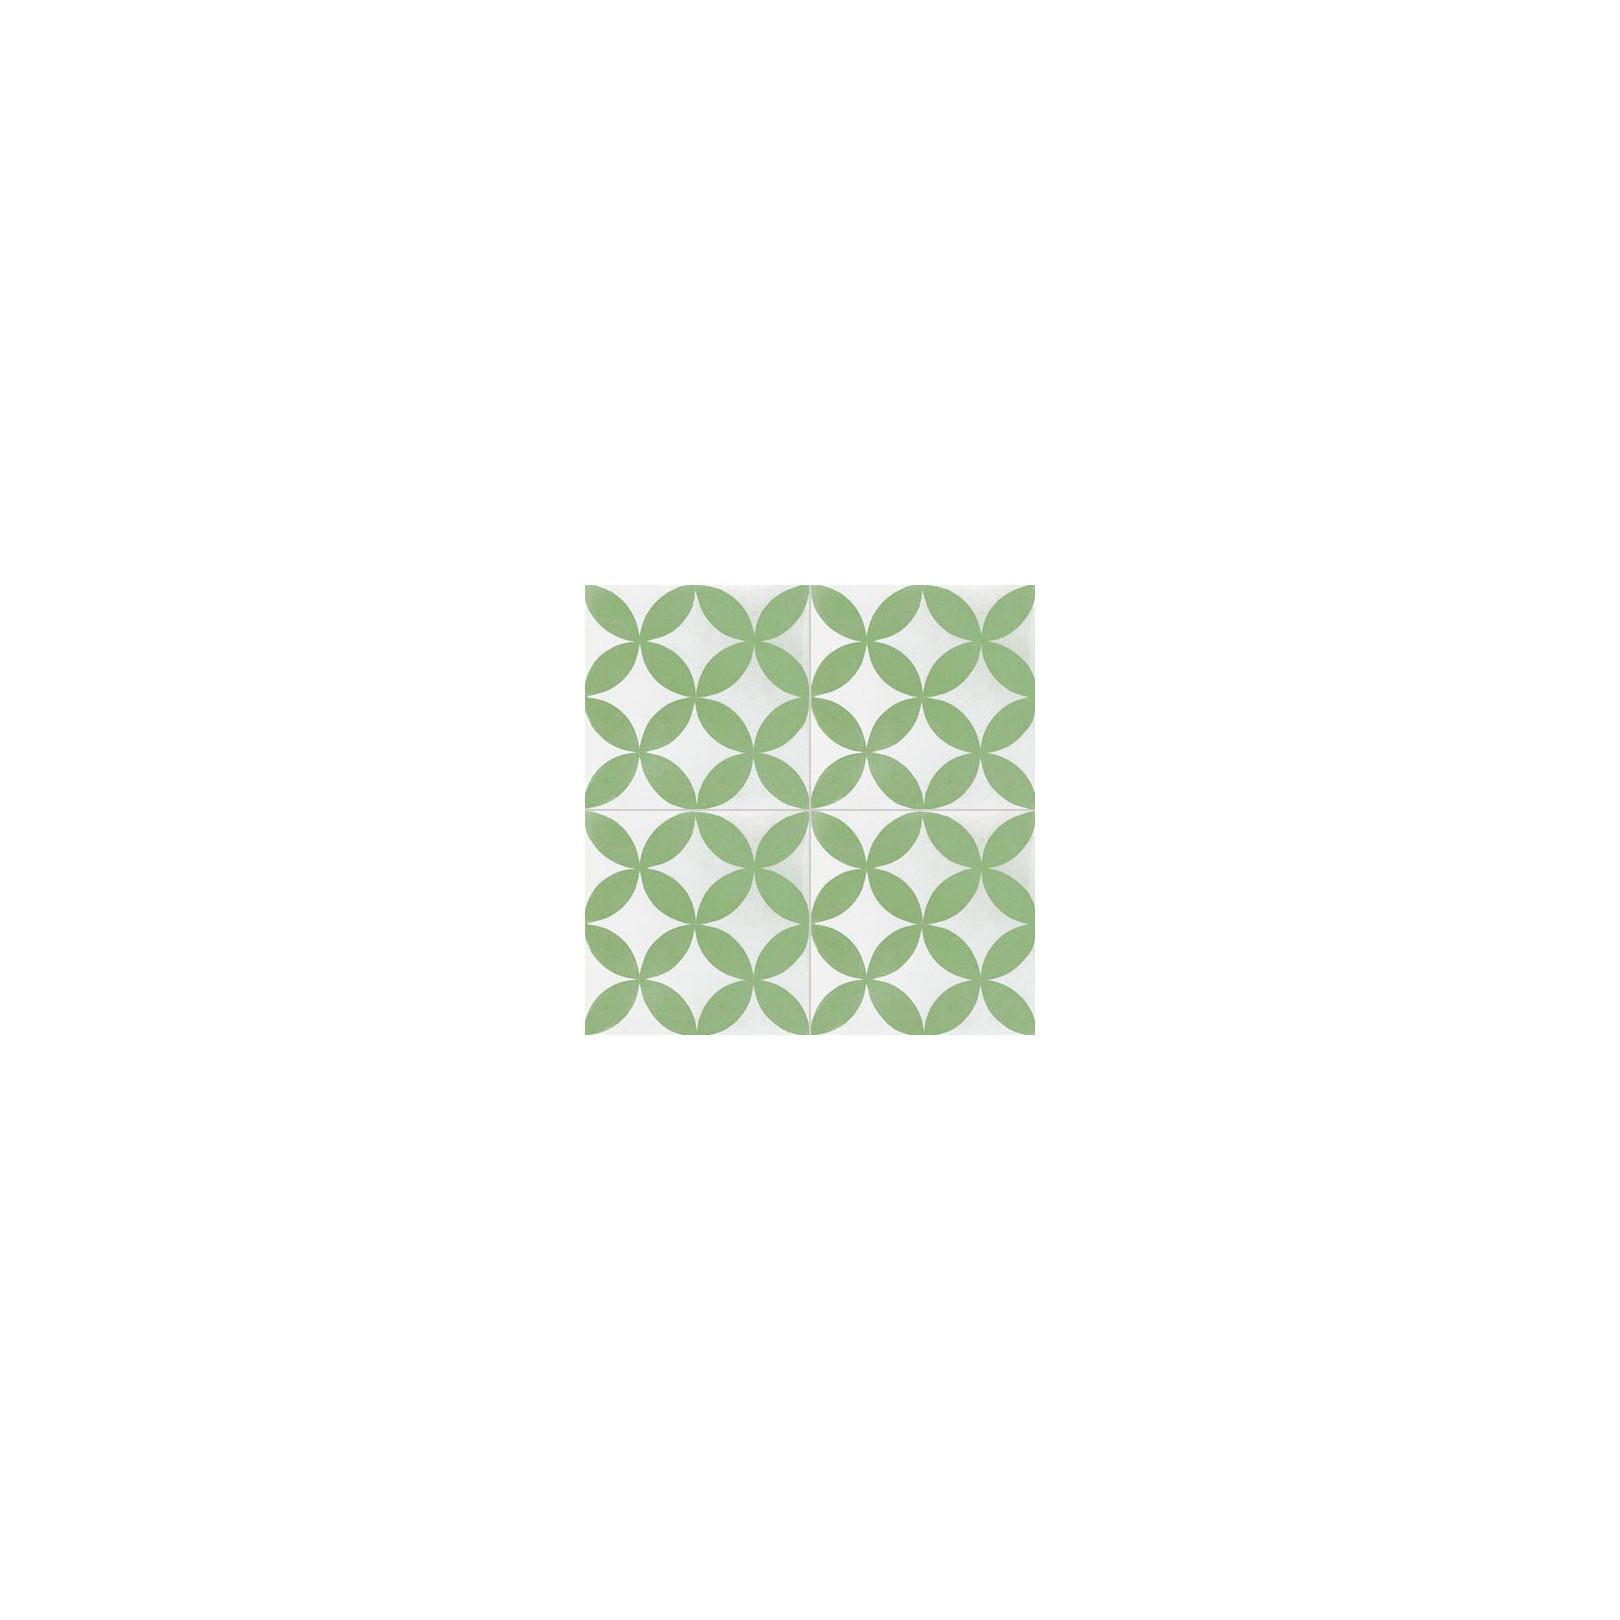 Carreau de ciment color motif vert et blanc c31 - Motif carreau de ciment ...